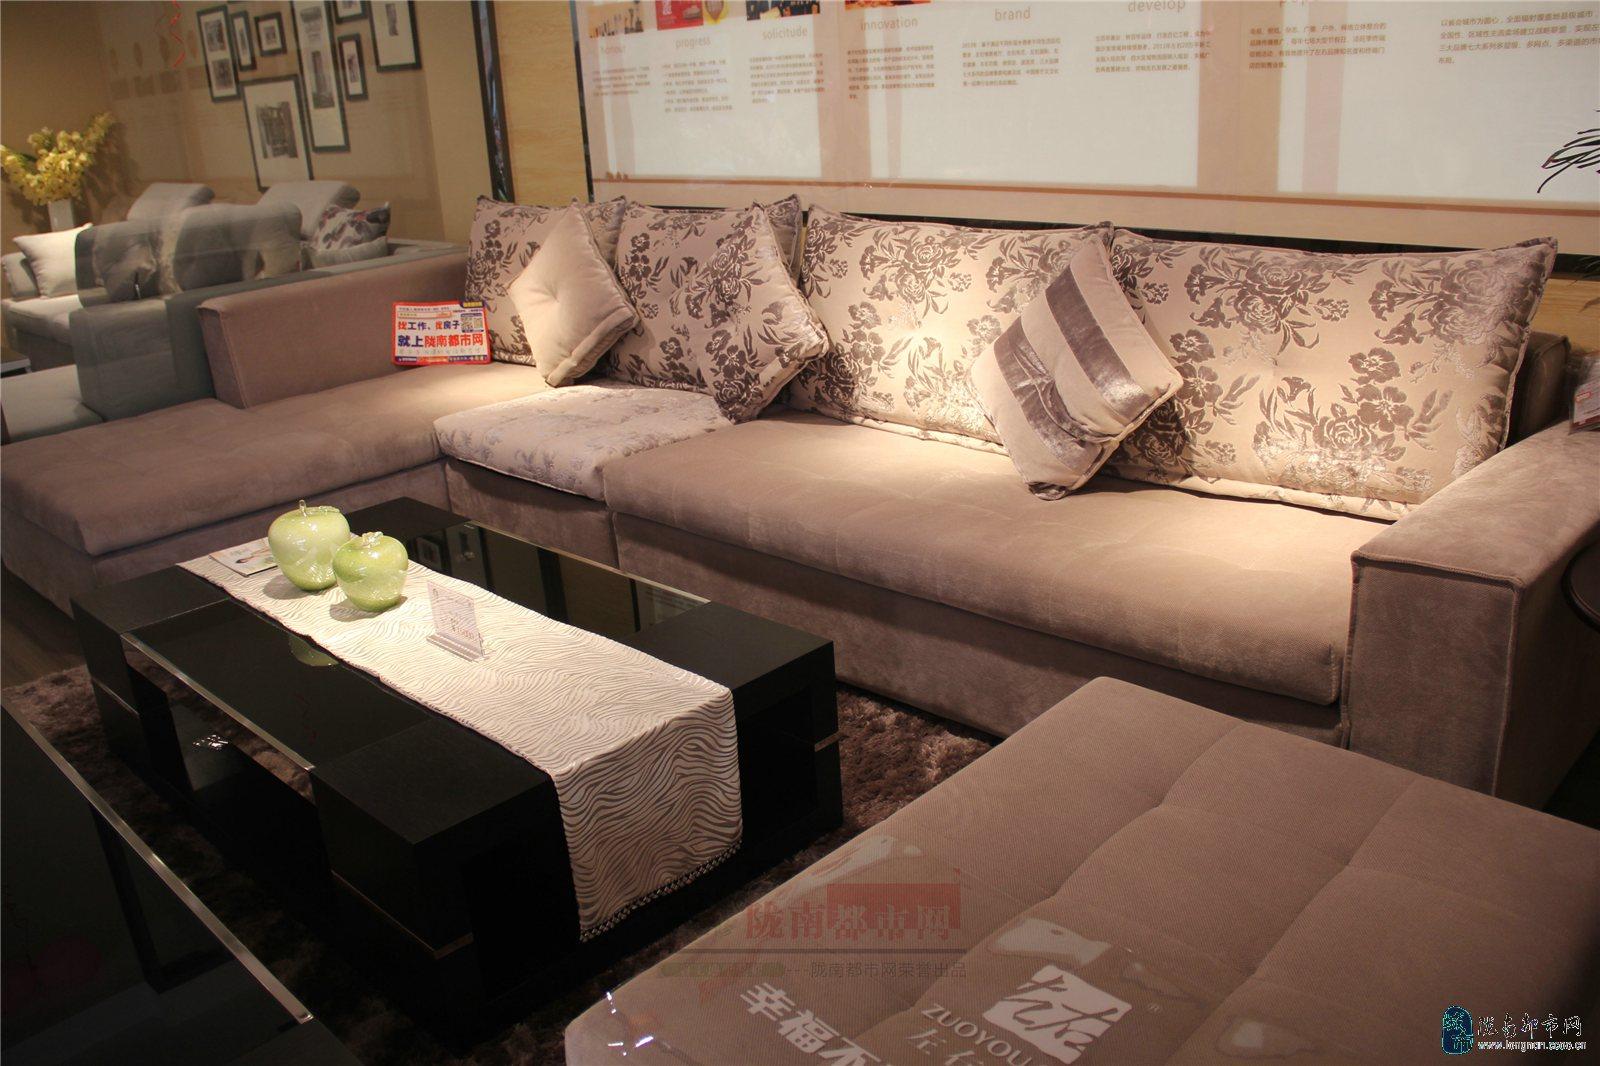 品牌优势 左右沙发历经二十多年的发展,亚洲最大的沙发专业制造商之一,多次获得国际家具展览会的冠军,是目前国内沙发市场占有率最高的知名品牌。通过世界领先的设计理念与制造工艺,结合东方人的体格特点,开发了大批适合 中国家庭的沙发,产品不仅富有欧陆情调的浪漫气派,还具有东方传统文化内涵,体现了亲情、休闲、待客的中国客厅文化。左右沙发简洁明快的线条组合,融入纯美的世界风尚设计元素,承载 高品质生活方式,带给你的将是 独具匠心的舒适体验。 企业荣誉 1996-2014年,软体家具十四次系列冠军 2003年8月,荣获